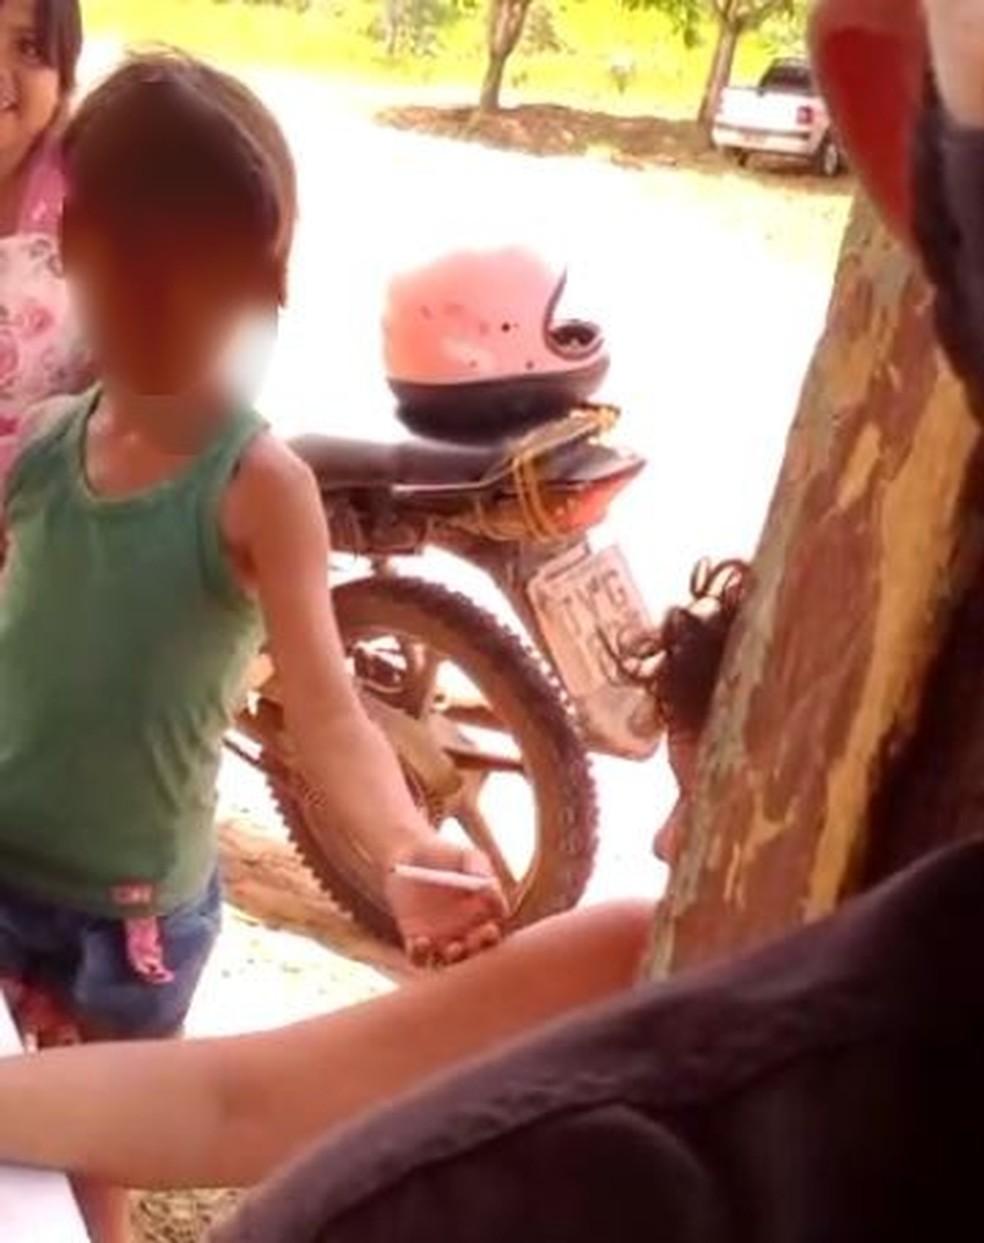 Criança entrega cigarro para a mãe após enrolar— Foto: Reprodução